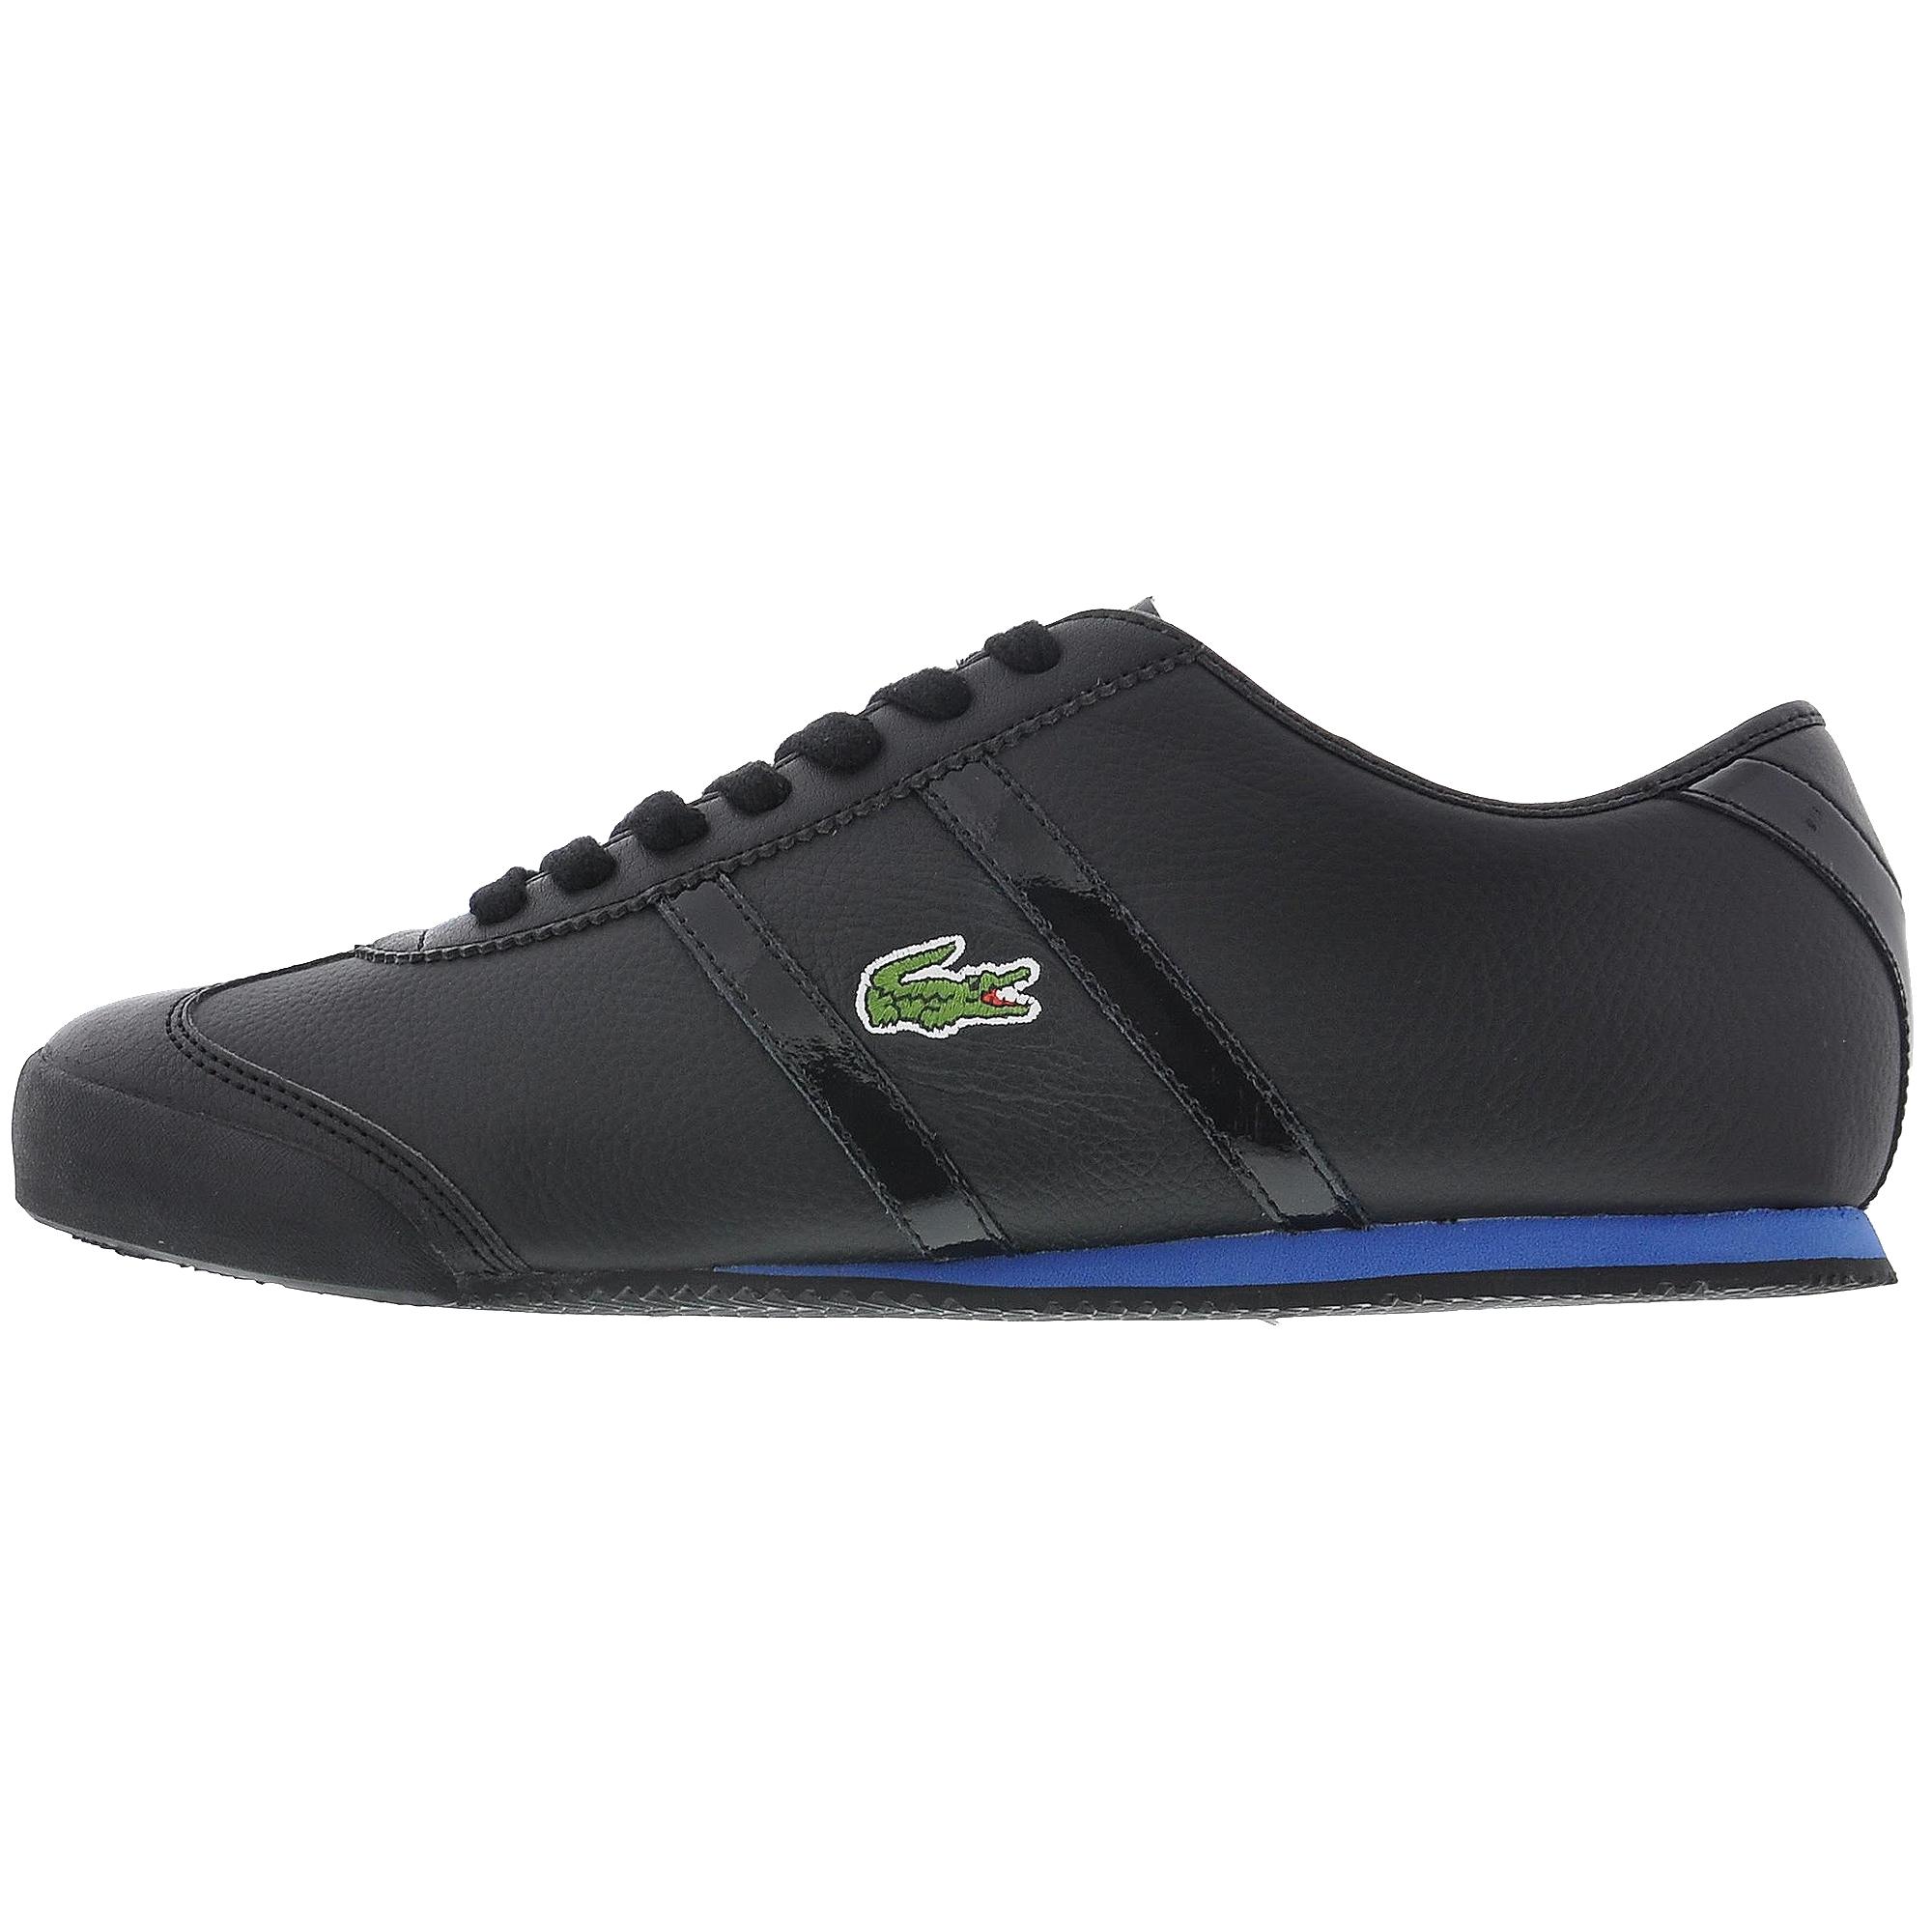 w magazynie najwyższa jakość buty na codzień Lacoste Tourelle Nal Spm Spor Ayakkabı